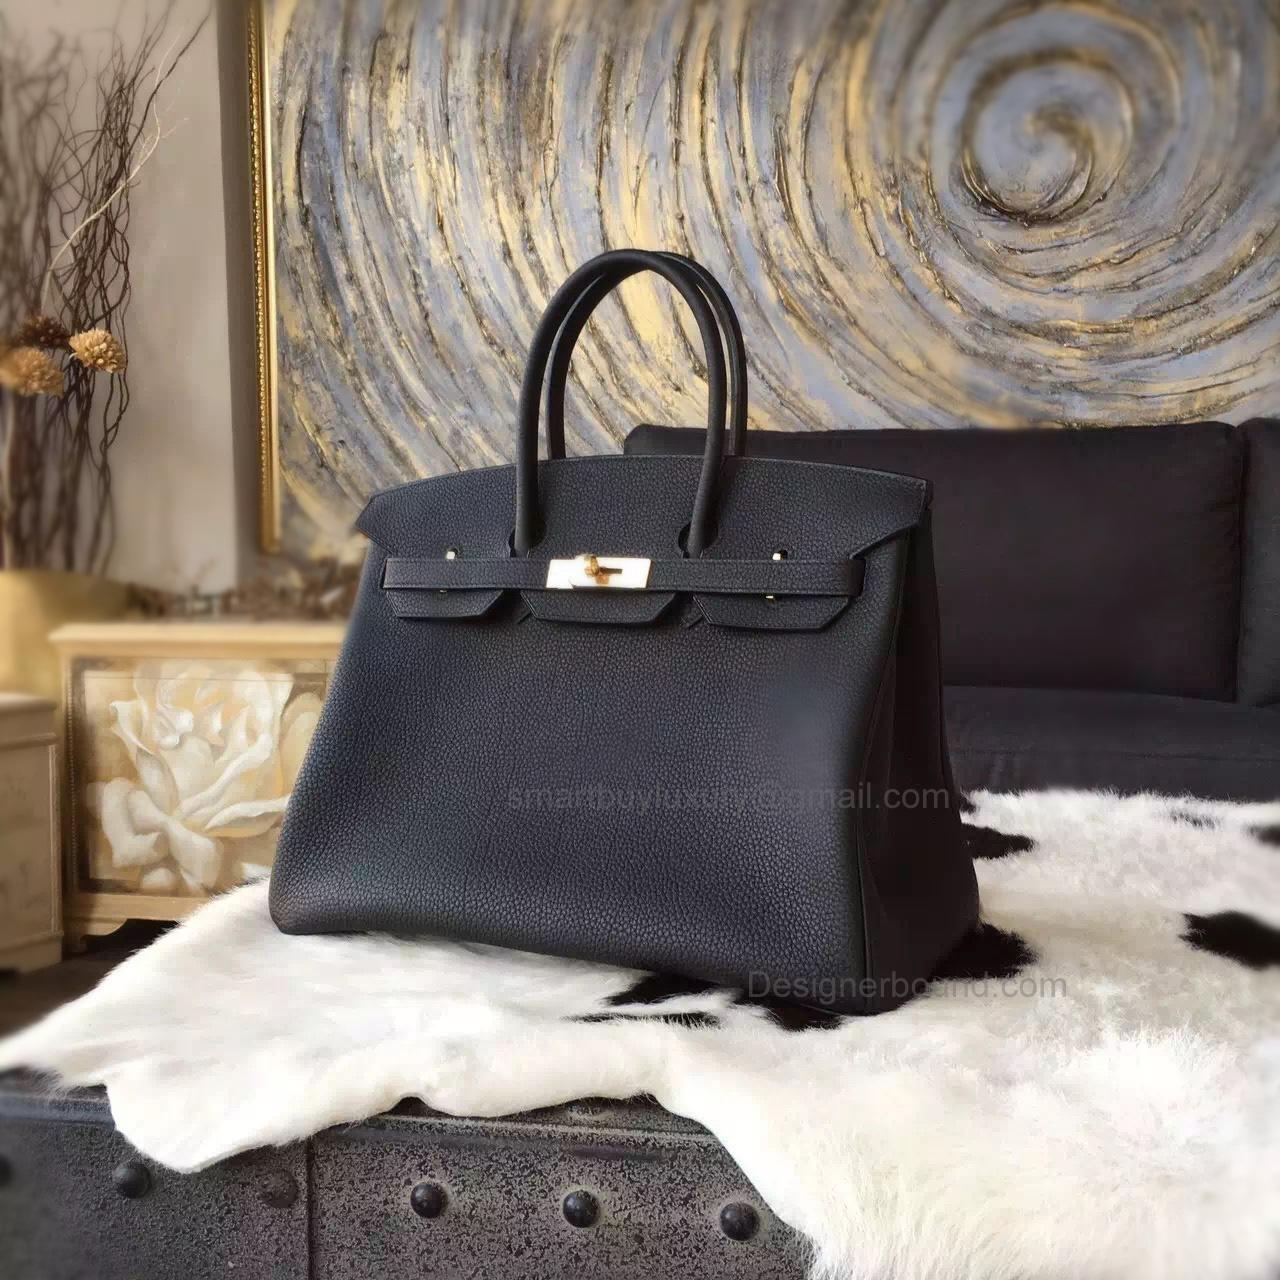 4c69582f316 Hand Stitched Hermes Birkin 35 Bag in Bicolored ck89 Noir Togo Calfskin GHW  -